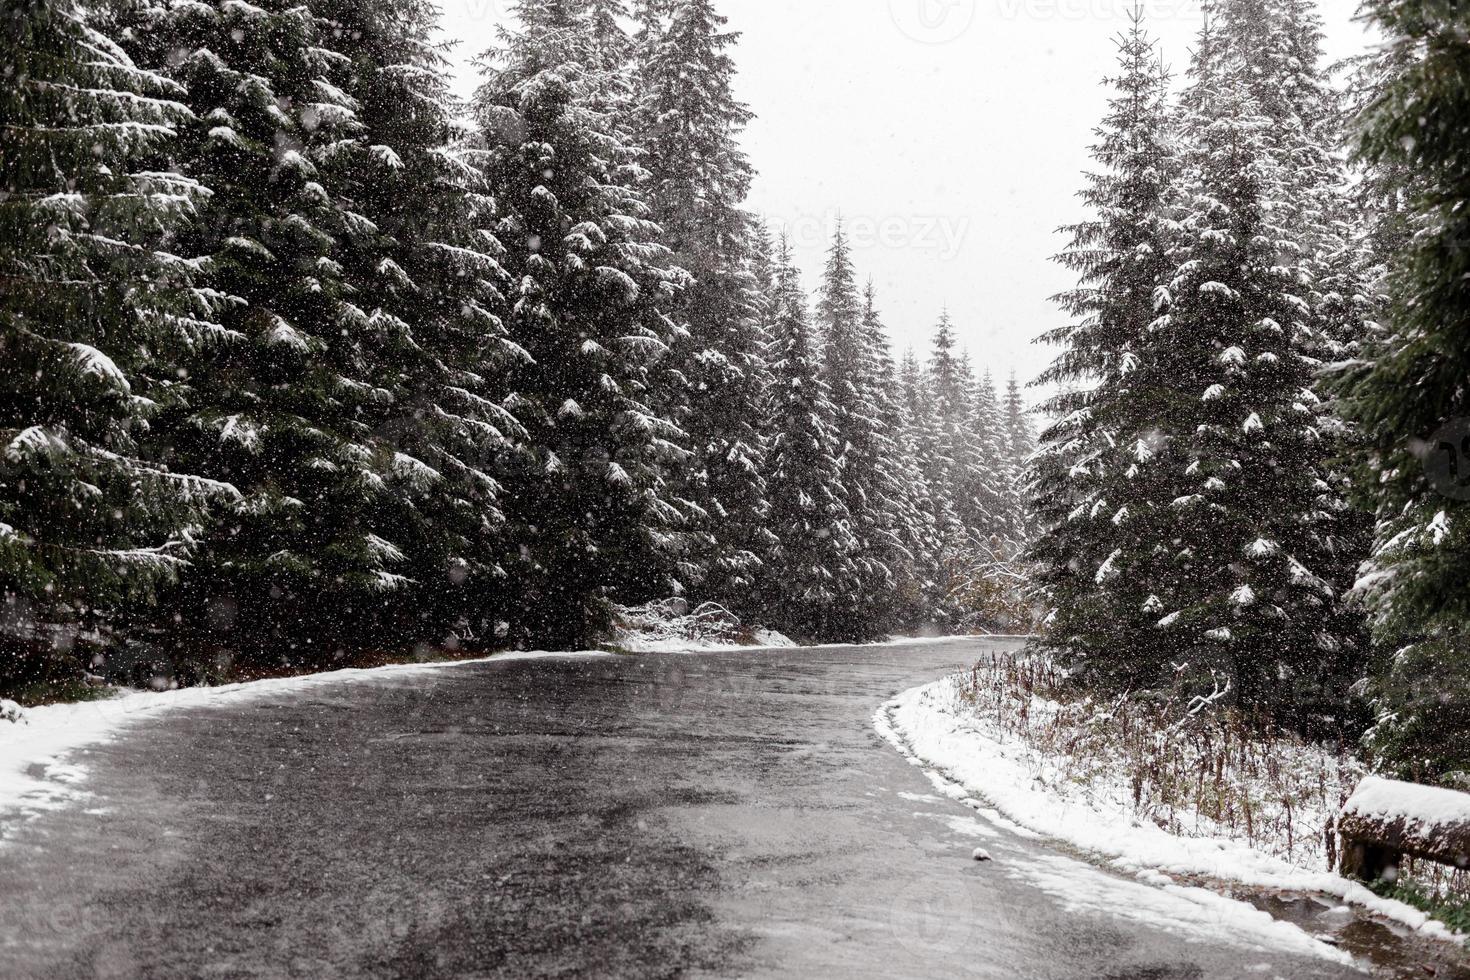 vista panoramica della strada con neve e montagna e sfondo di alberi giganti nella stagione invernale. morske oko foto